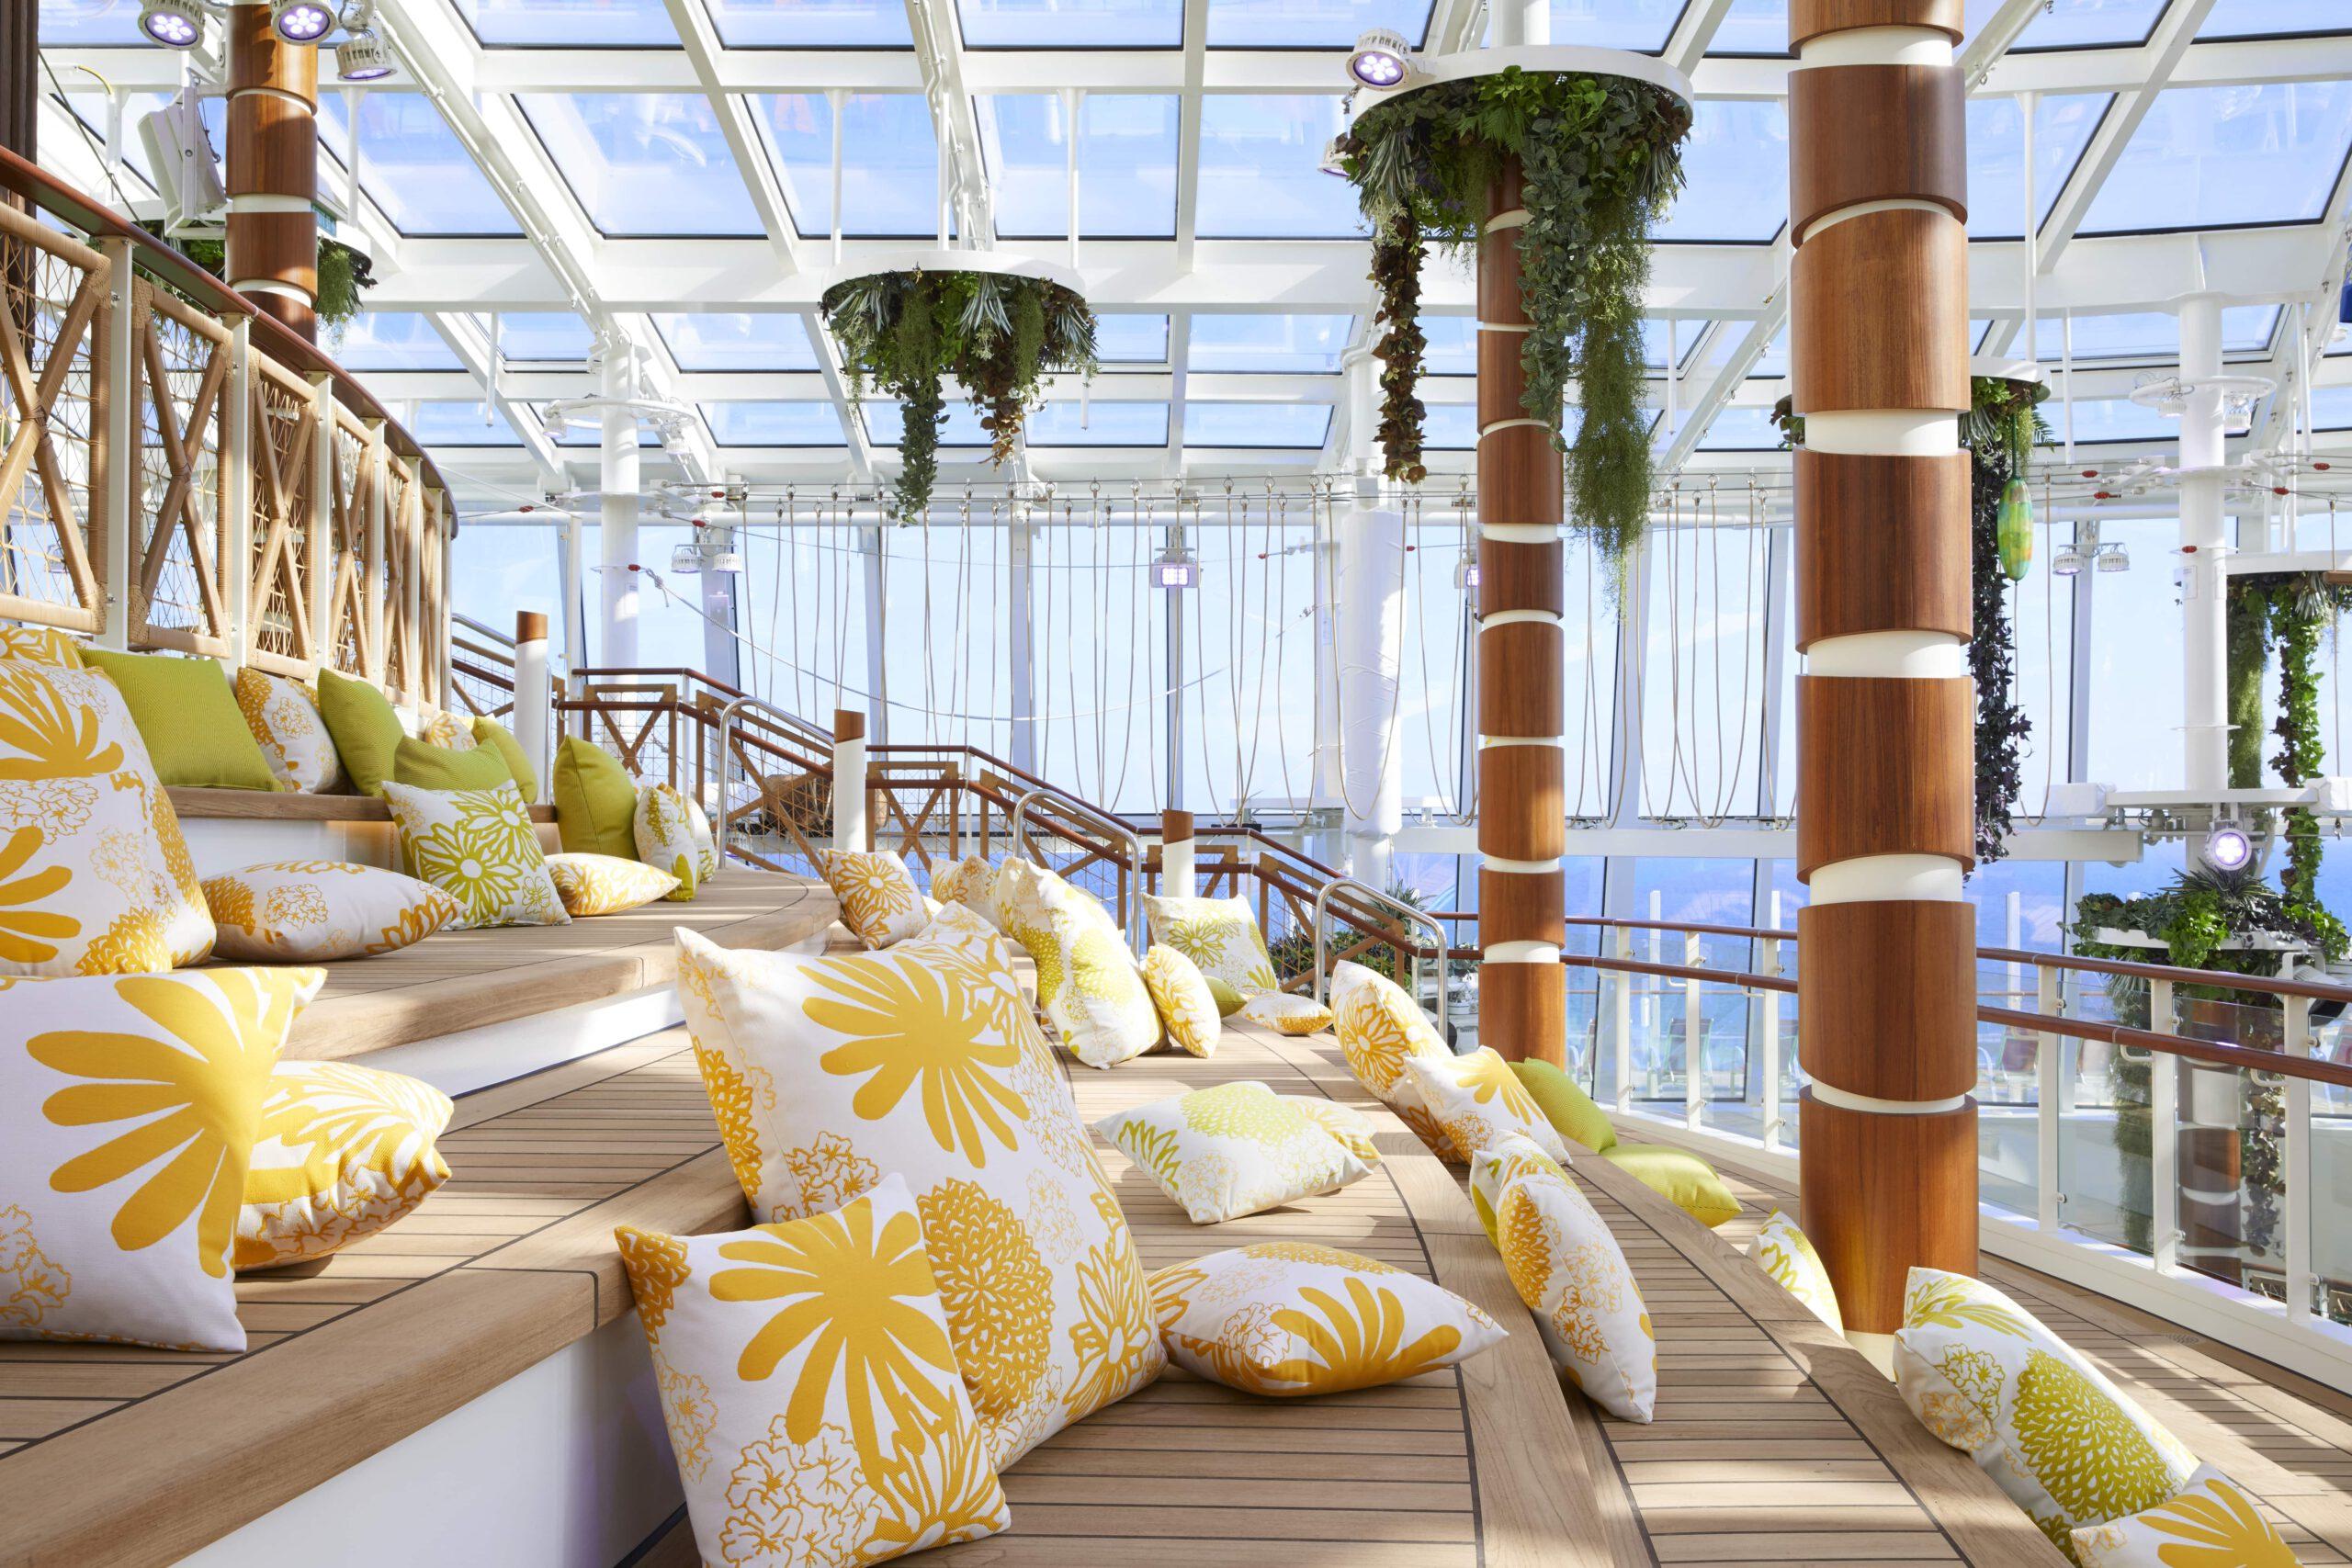 Cruiseschip-AIDAnova-AIDA-Four Elements